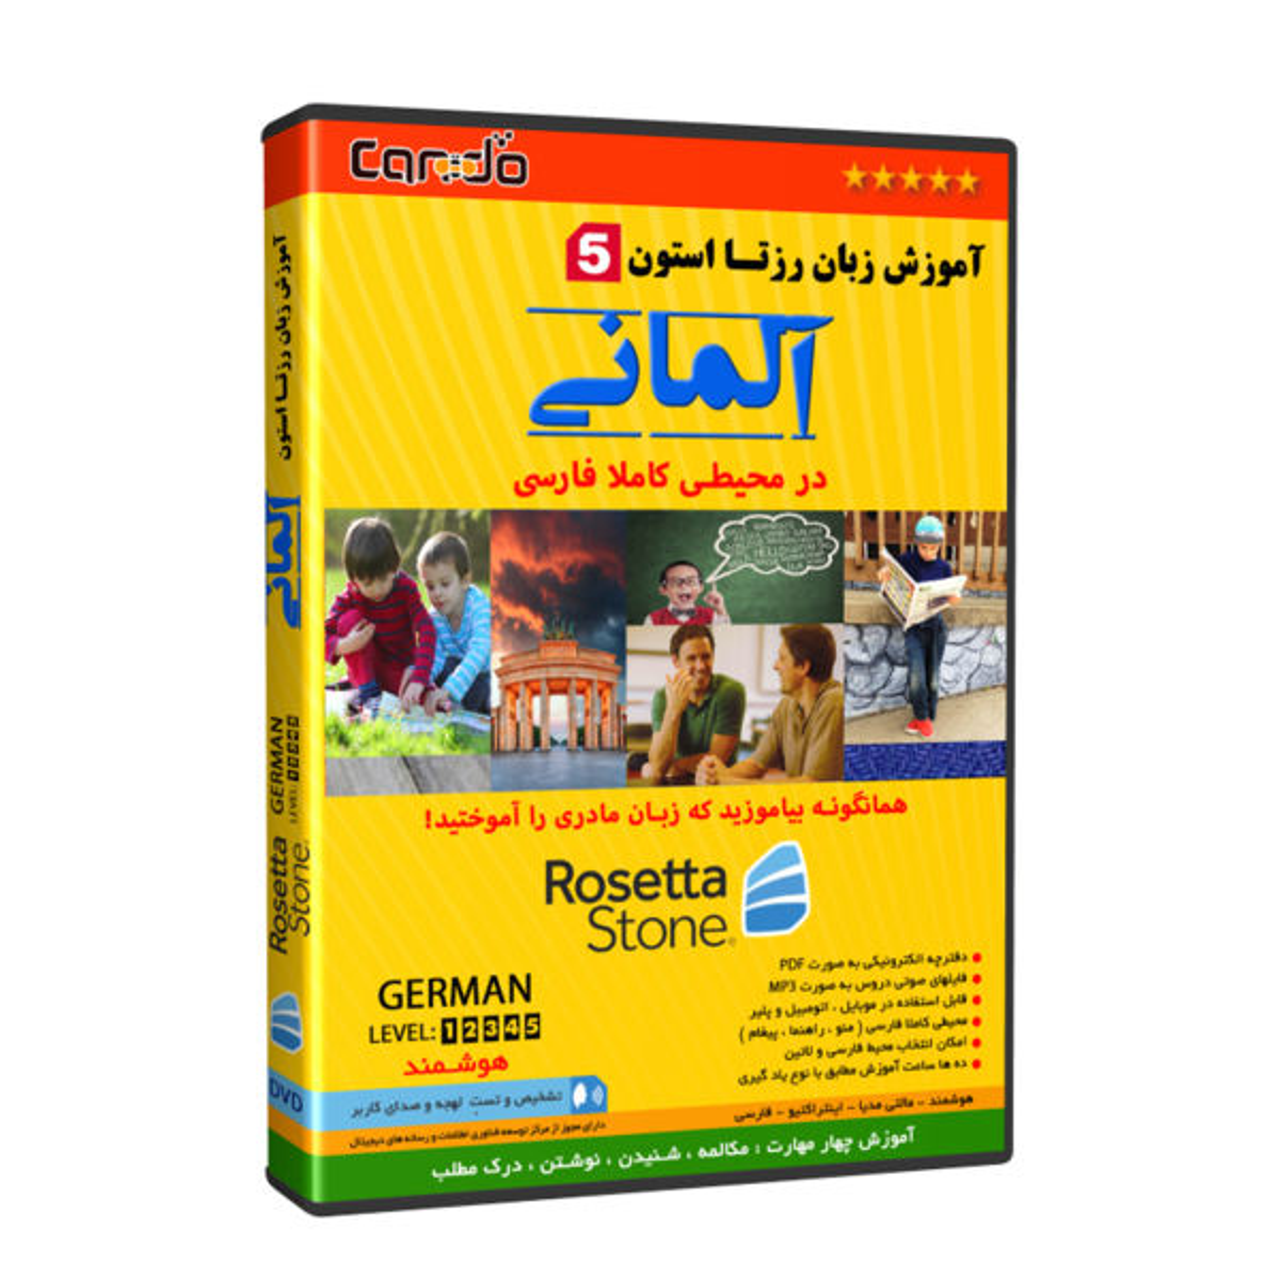 نرم افزار آموزش زبان آلمانی رزتا استون نشر کندوسافت